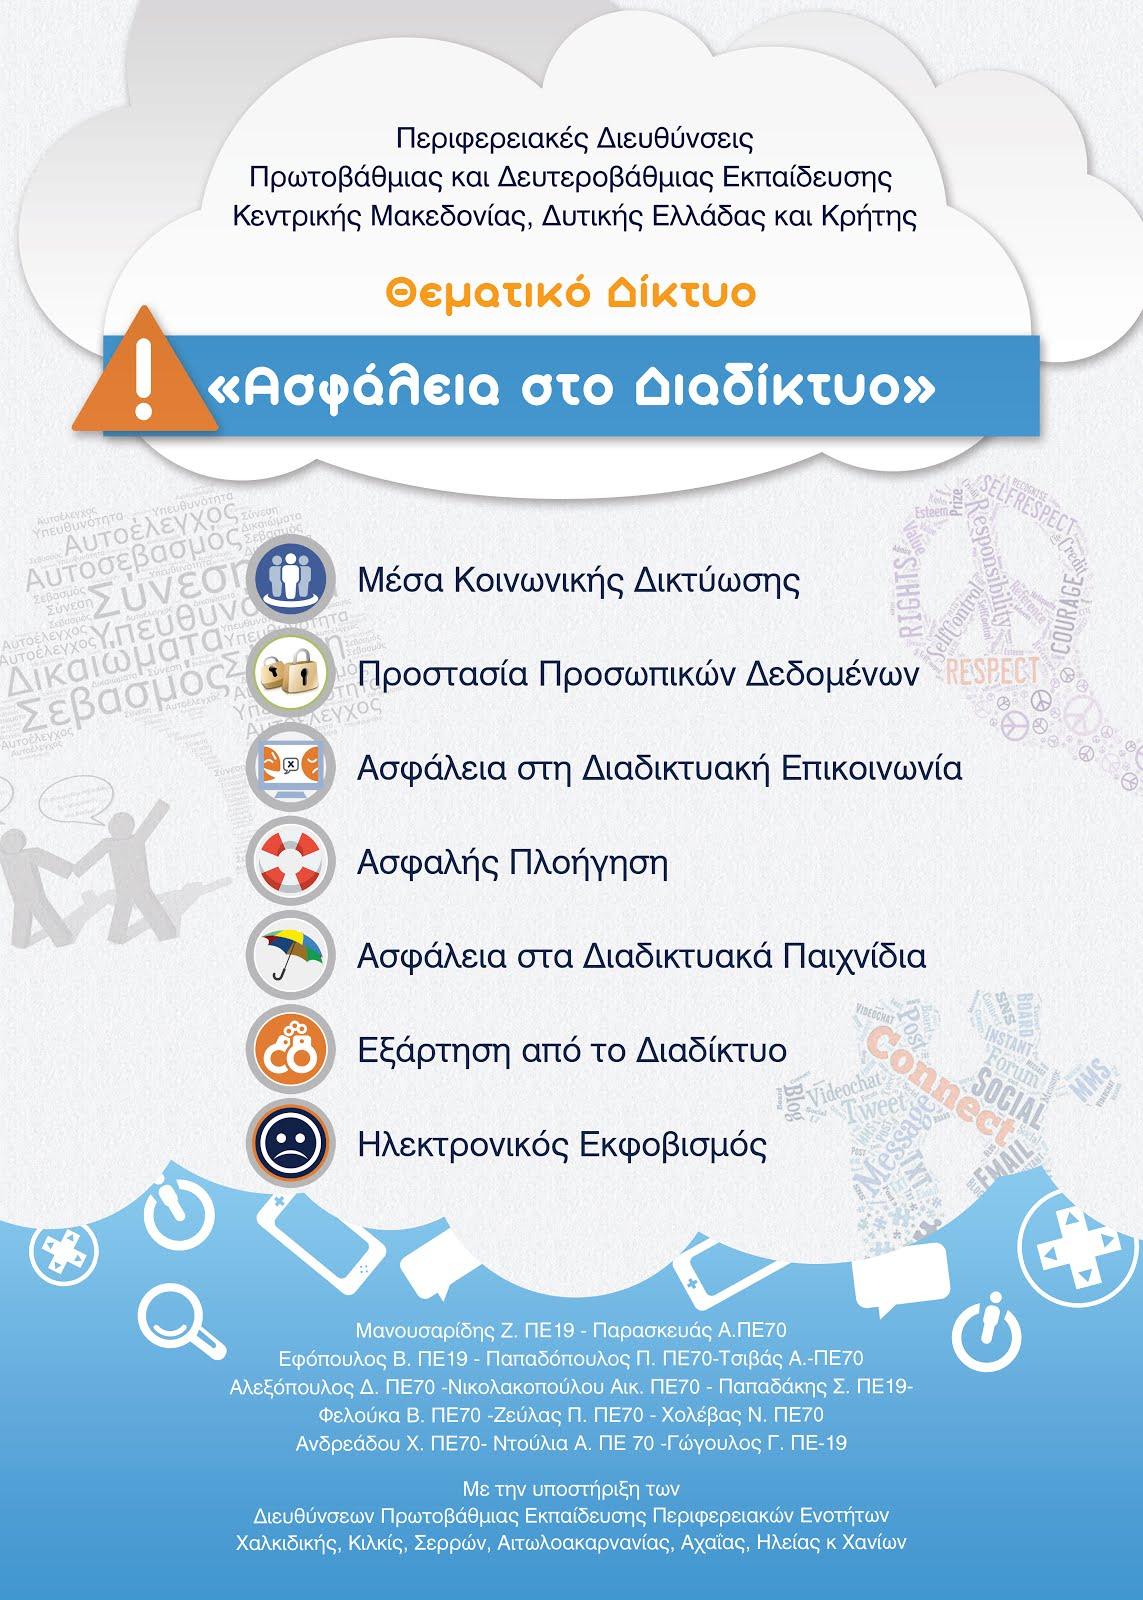 ΘΕΜΑΤΙΚΟ ΔΙΚΤΥΟ- ΑΣΦΑΛΕΙΑ ΣΤΟ ΔΙΑΔΙΚΤΥΟ